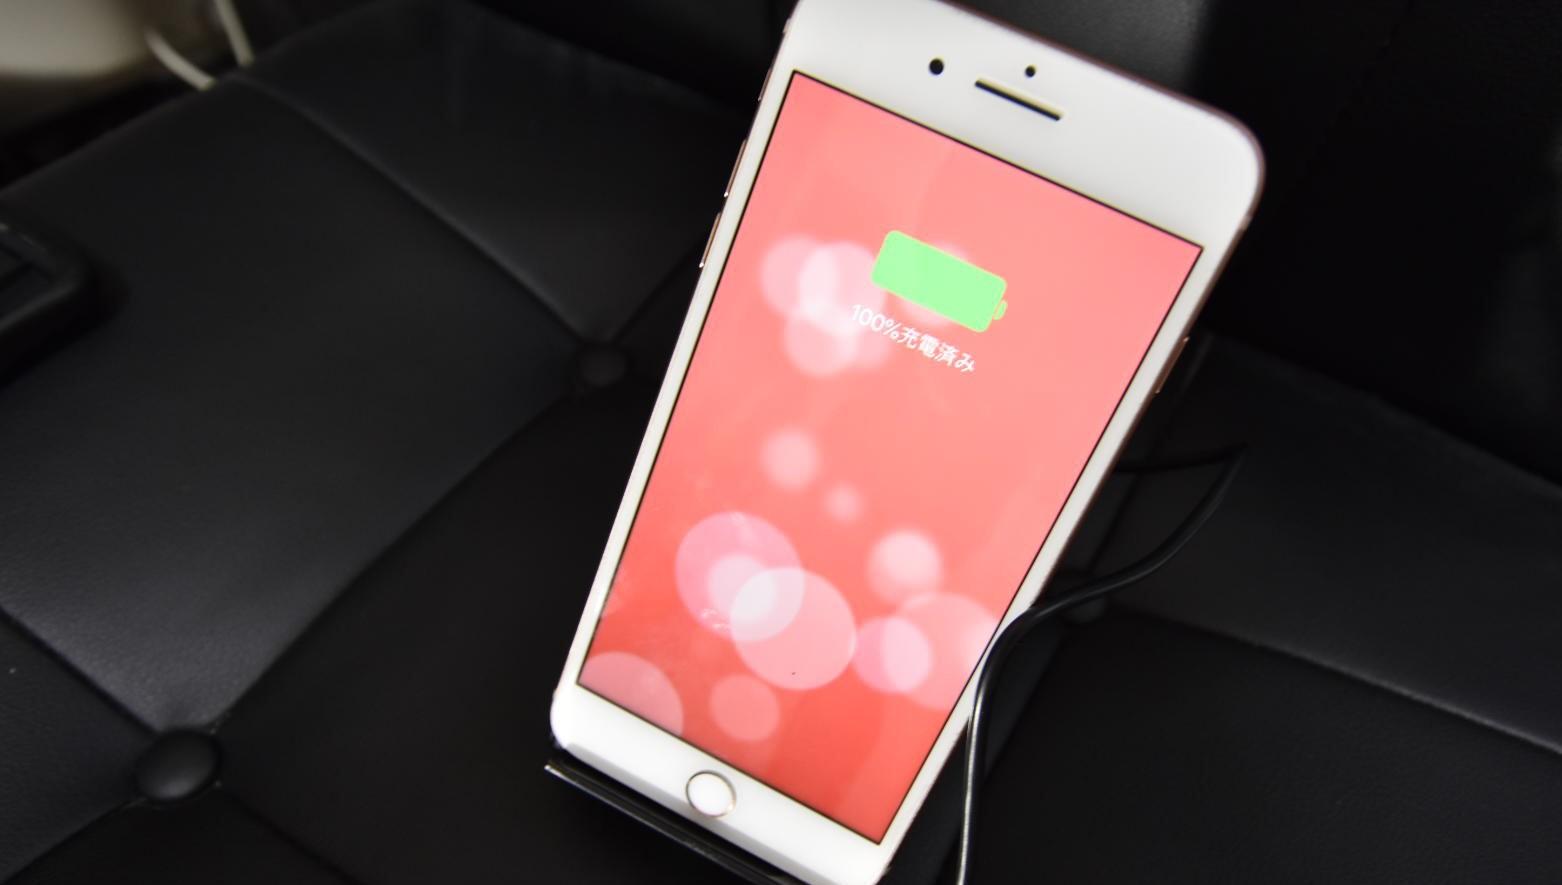 20181125 043202360 iOS - 【レビュー】iPhone/Galaxy!防水スマホを長持ちさせる!CHOETECH Qi急速ワイヤレス充電器を実際に使ってみた